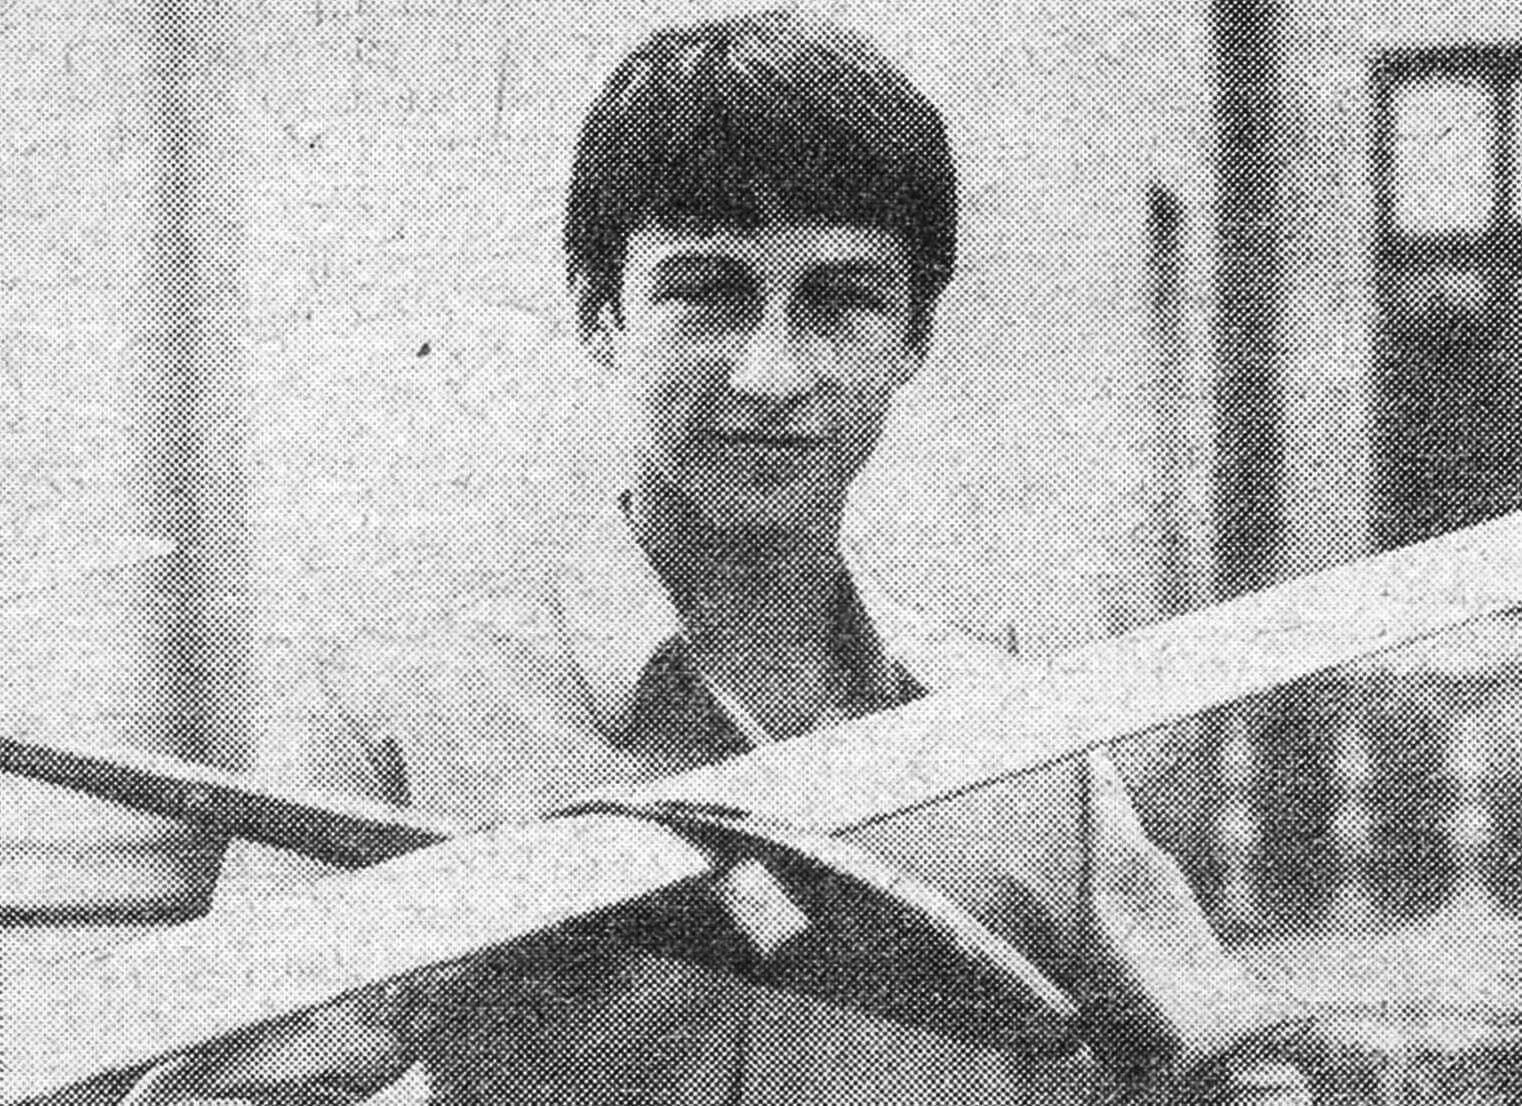 Игорь КИРПИЧНИКОВ, кандидат в мастера спорта, занимается в авиамодельной лаборатории Казанского Дворца пионеров. Планер, о котором он рассказывает, принес ему 1-е место и звание чемпиона на X Всероссийских соревнованиях школьников 1972 года.